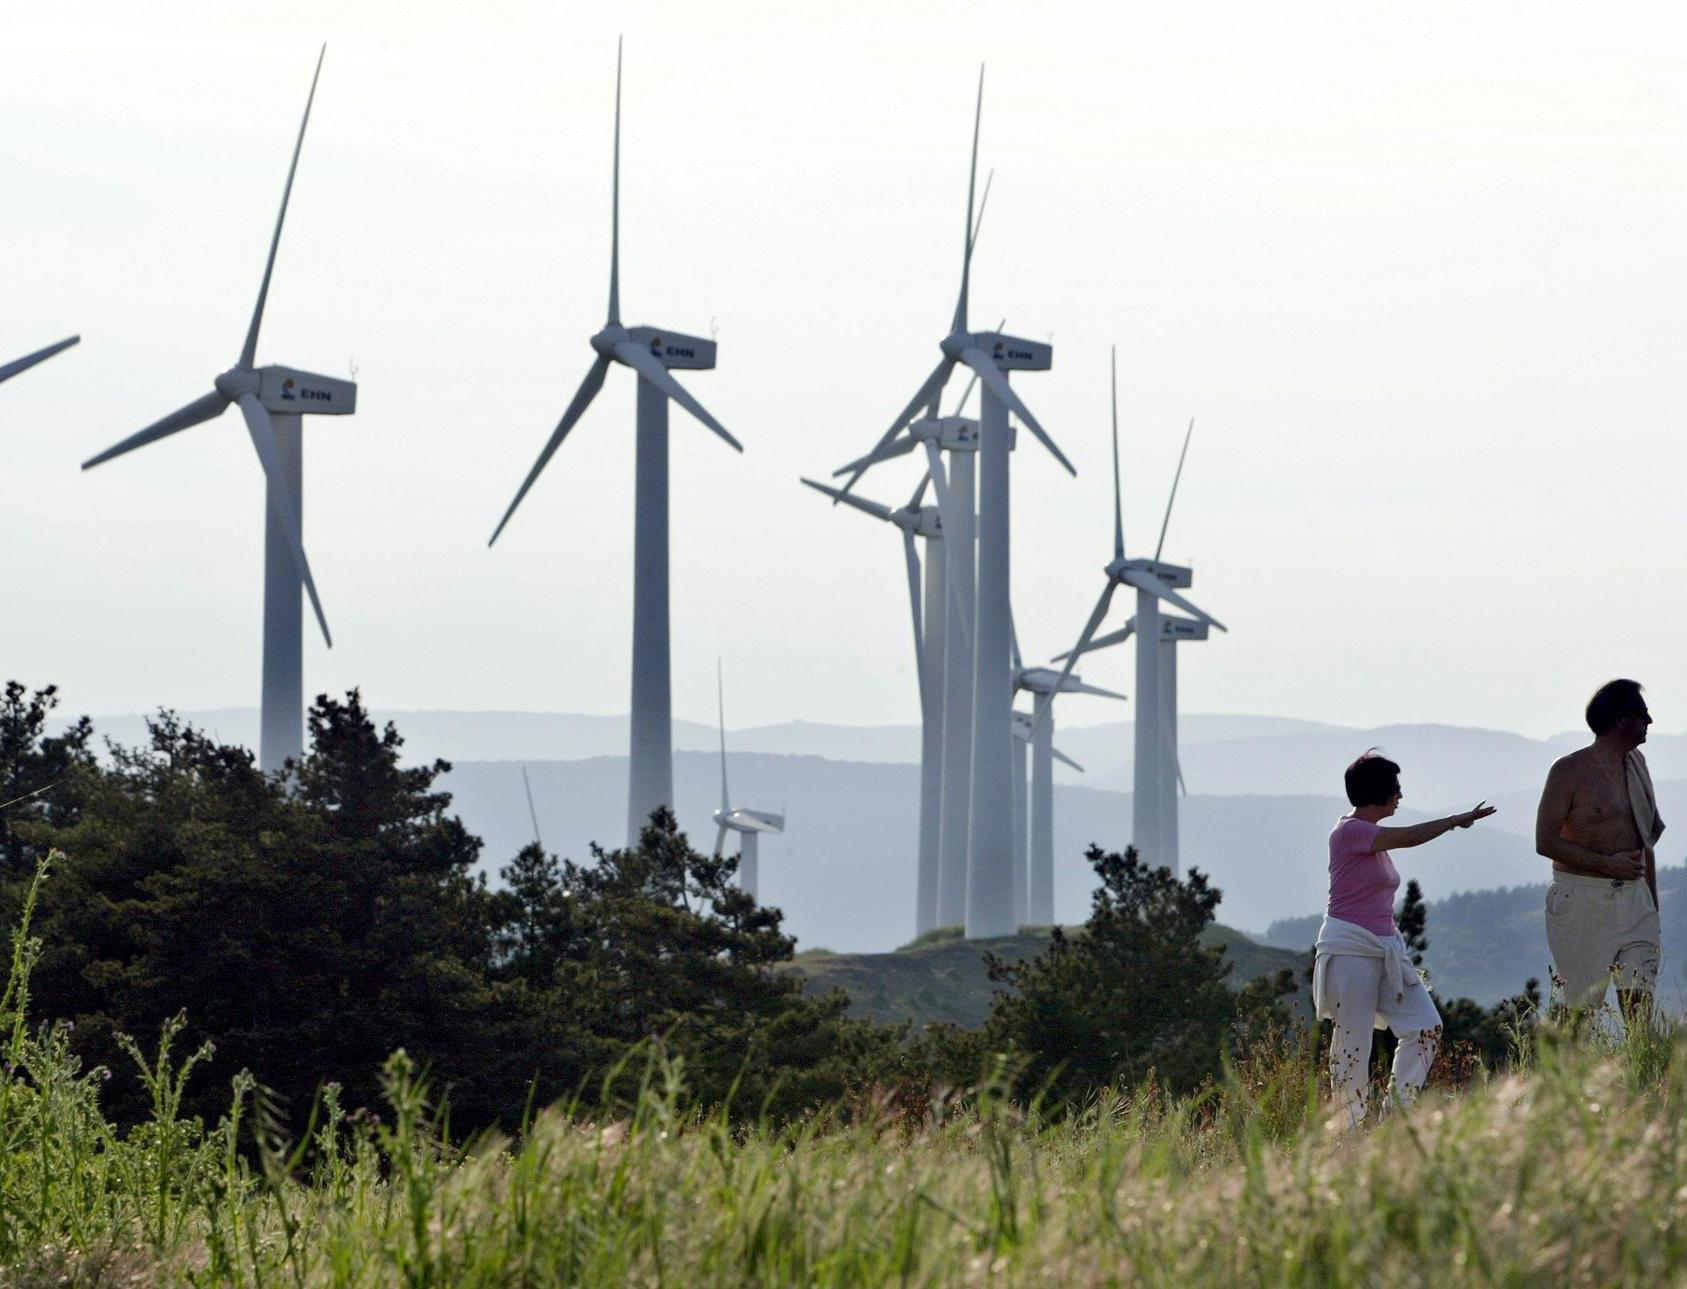 Испания через 30 лет перейдет на полностью возобновляемую электроэнергию